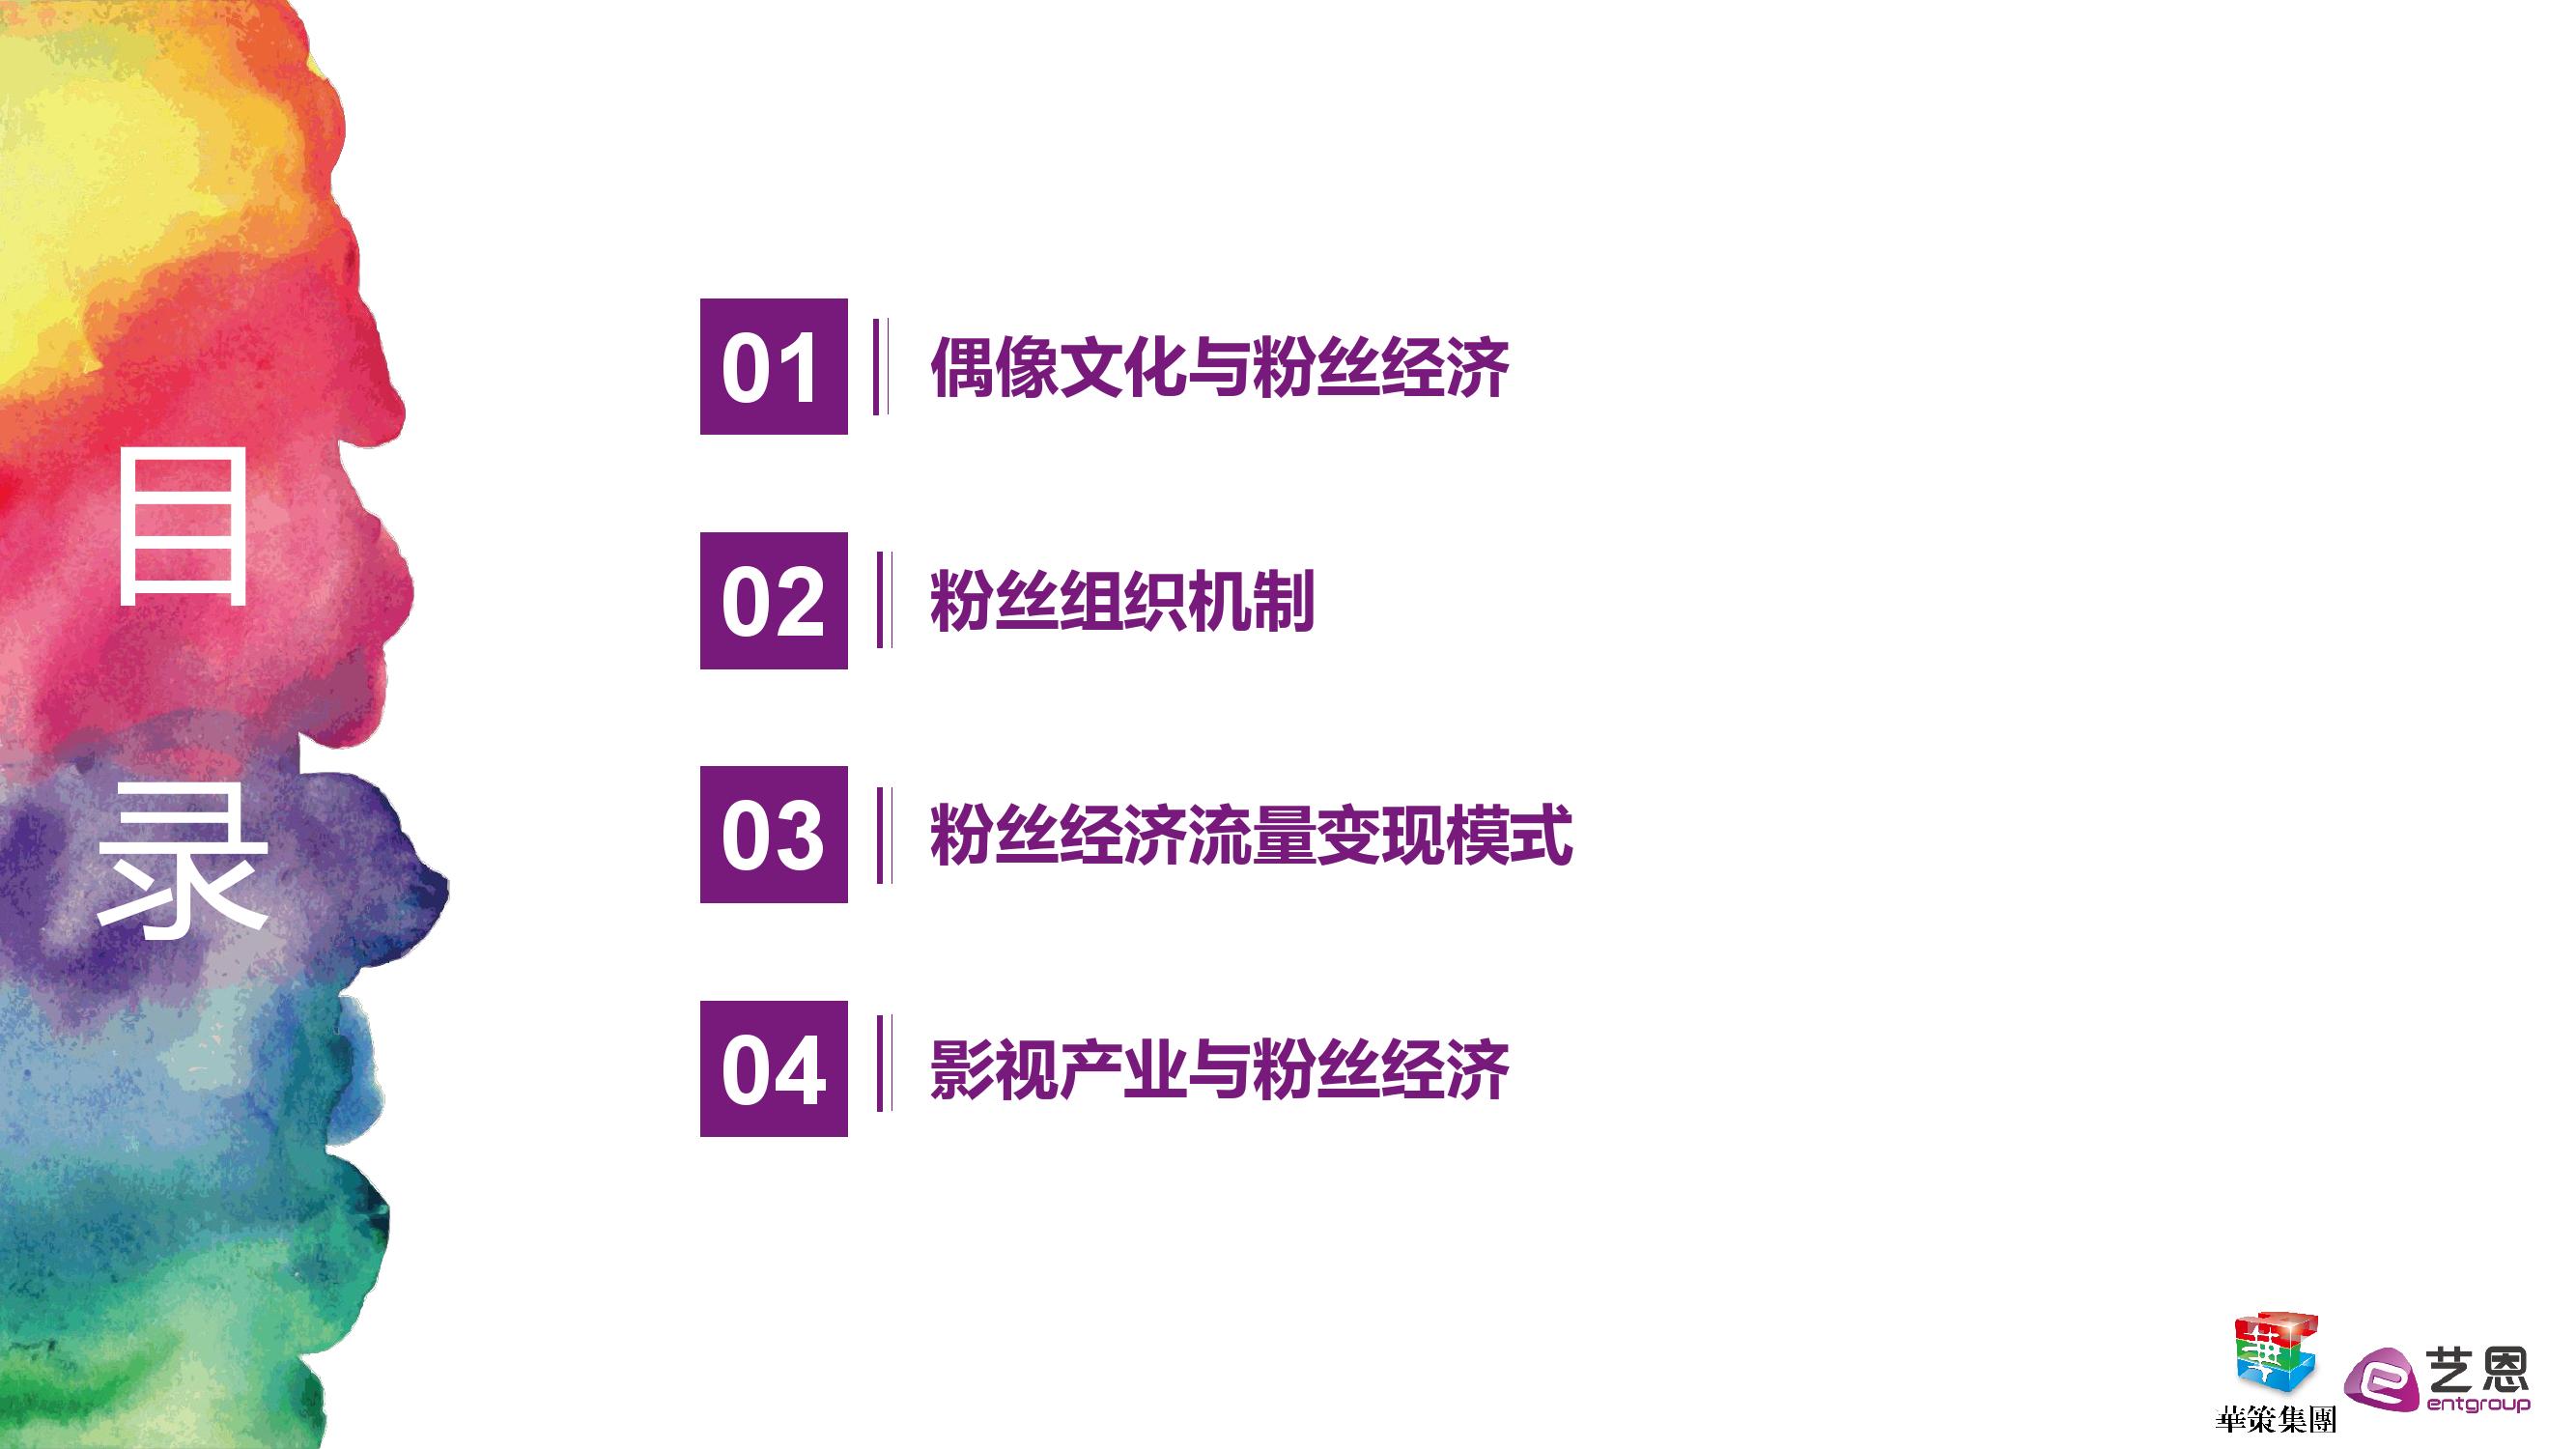 艺恩:粉丝经济研究报告_000004